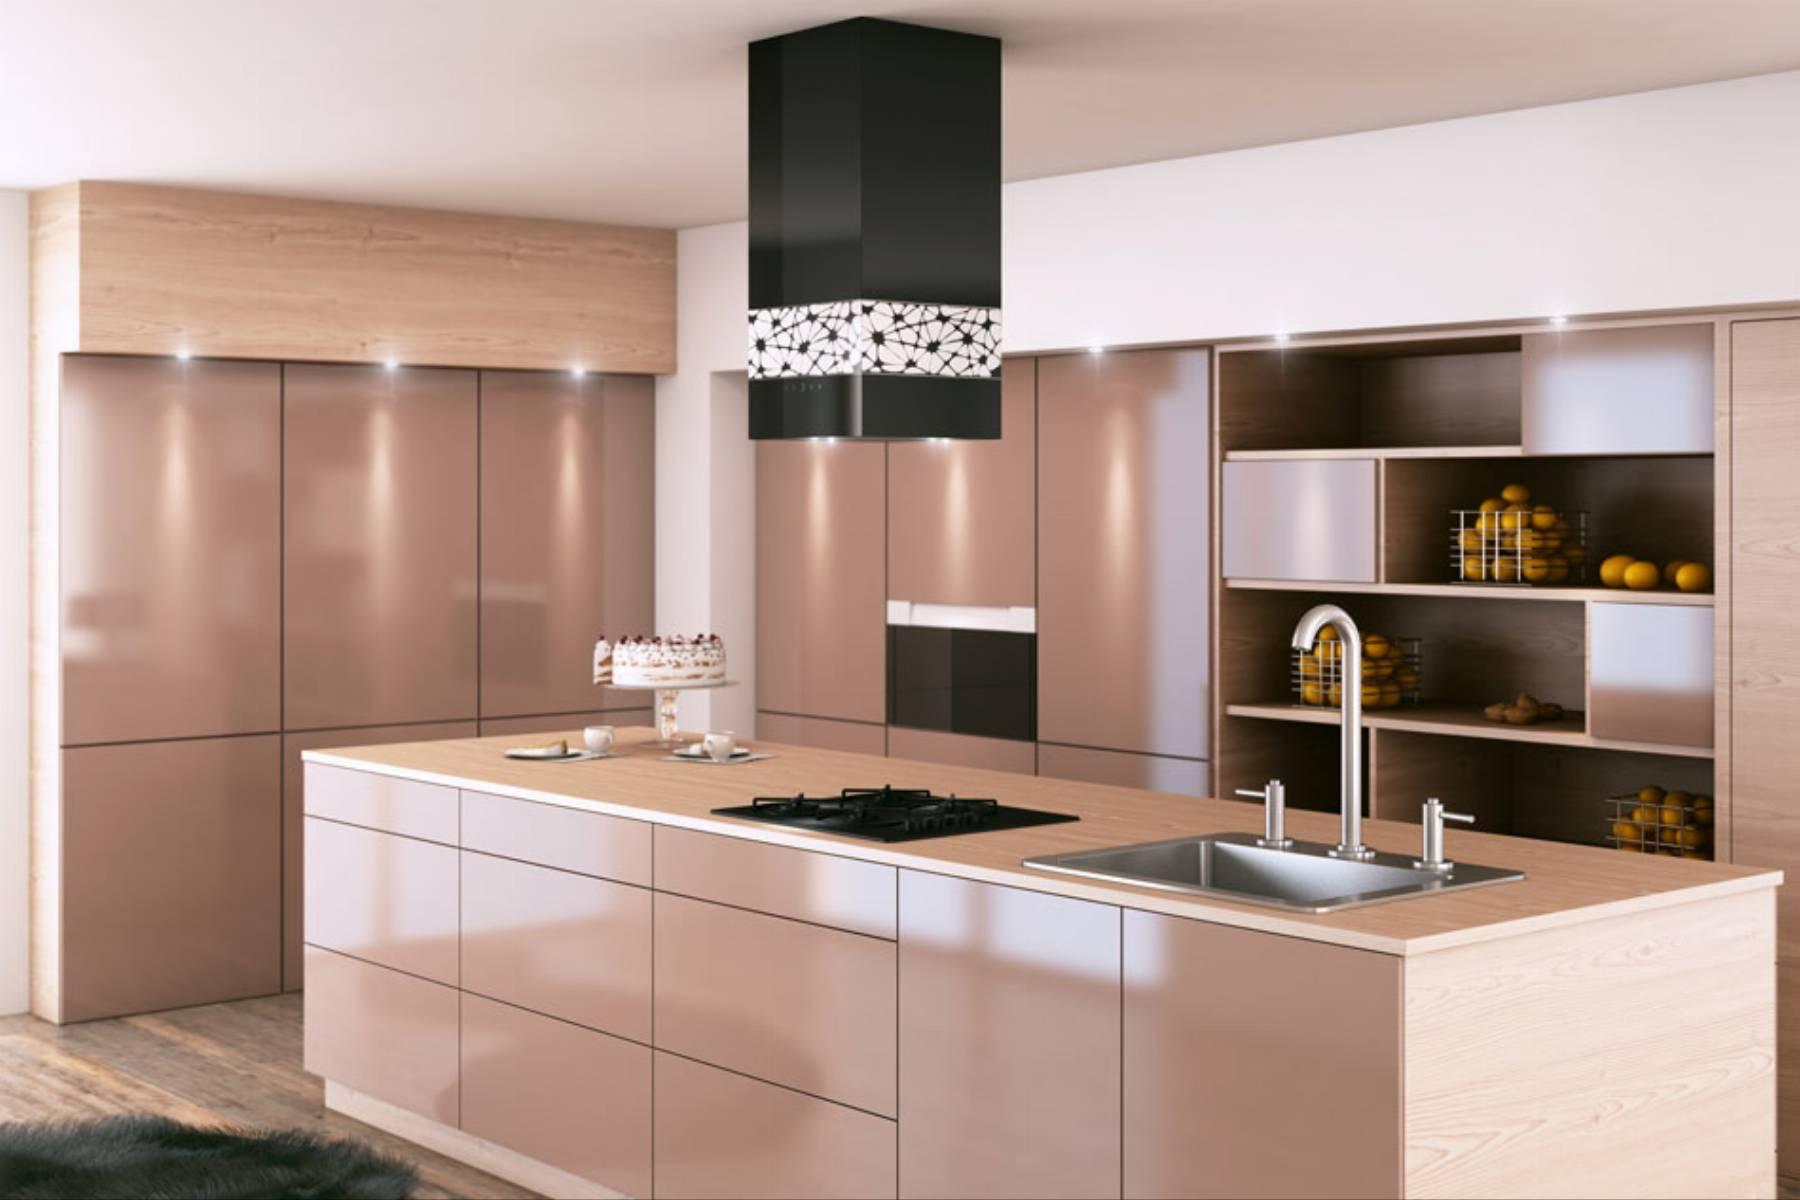 Pomysł na urządzenie kuchni wyspa  KobietaMag pl -> Kuchnia Z Wyspą Polączona Z Jadalnią